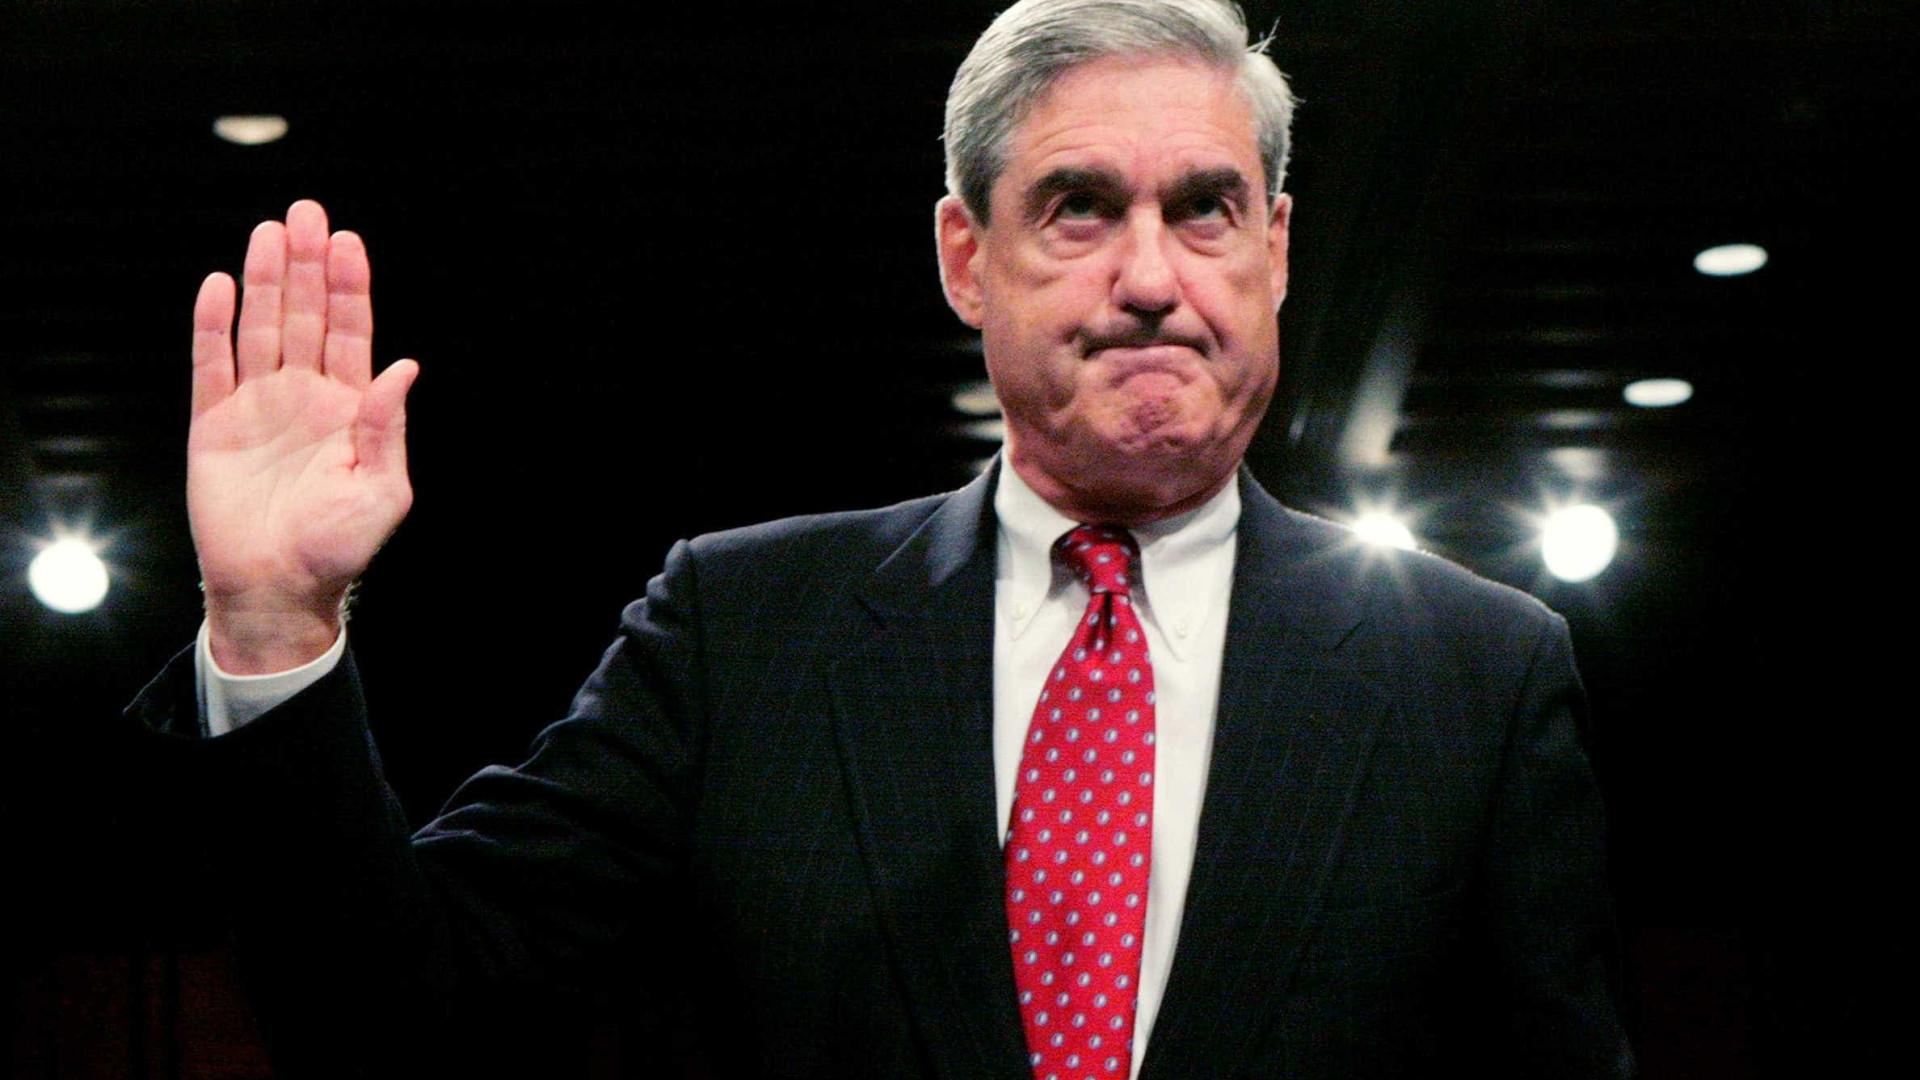 Trump ataca Mueller no dia de revelações sobre caso russo